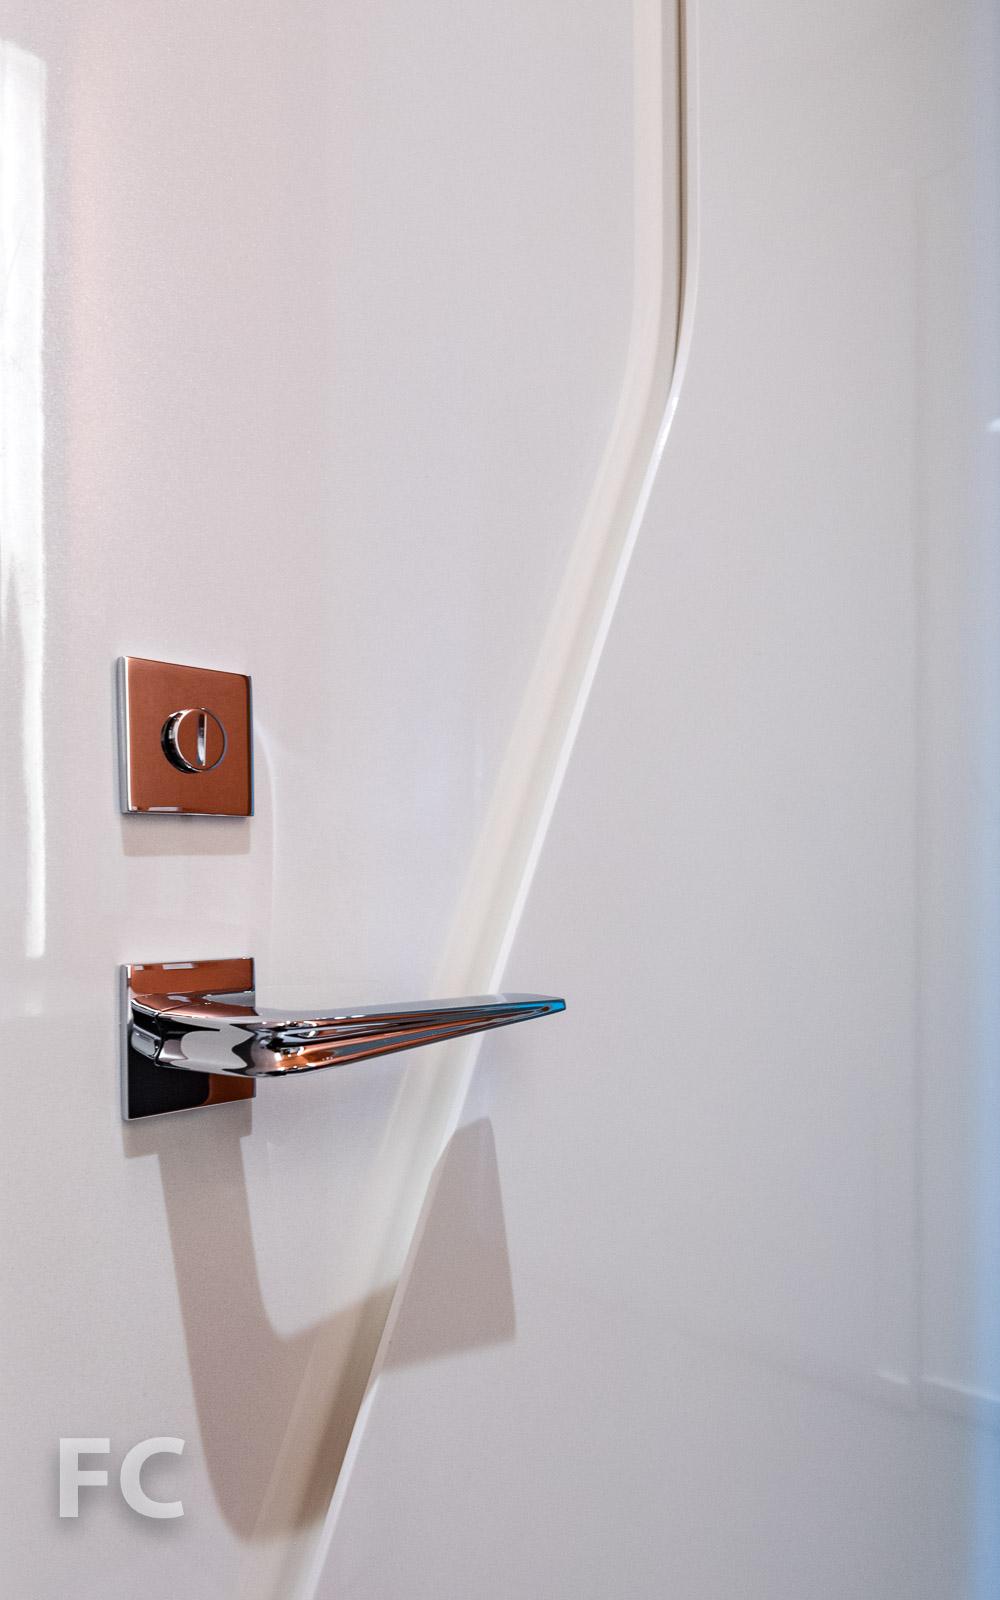 Powder room door handle.